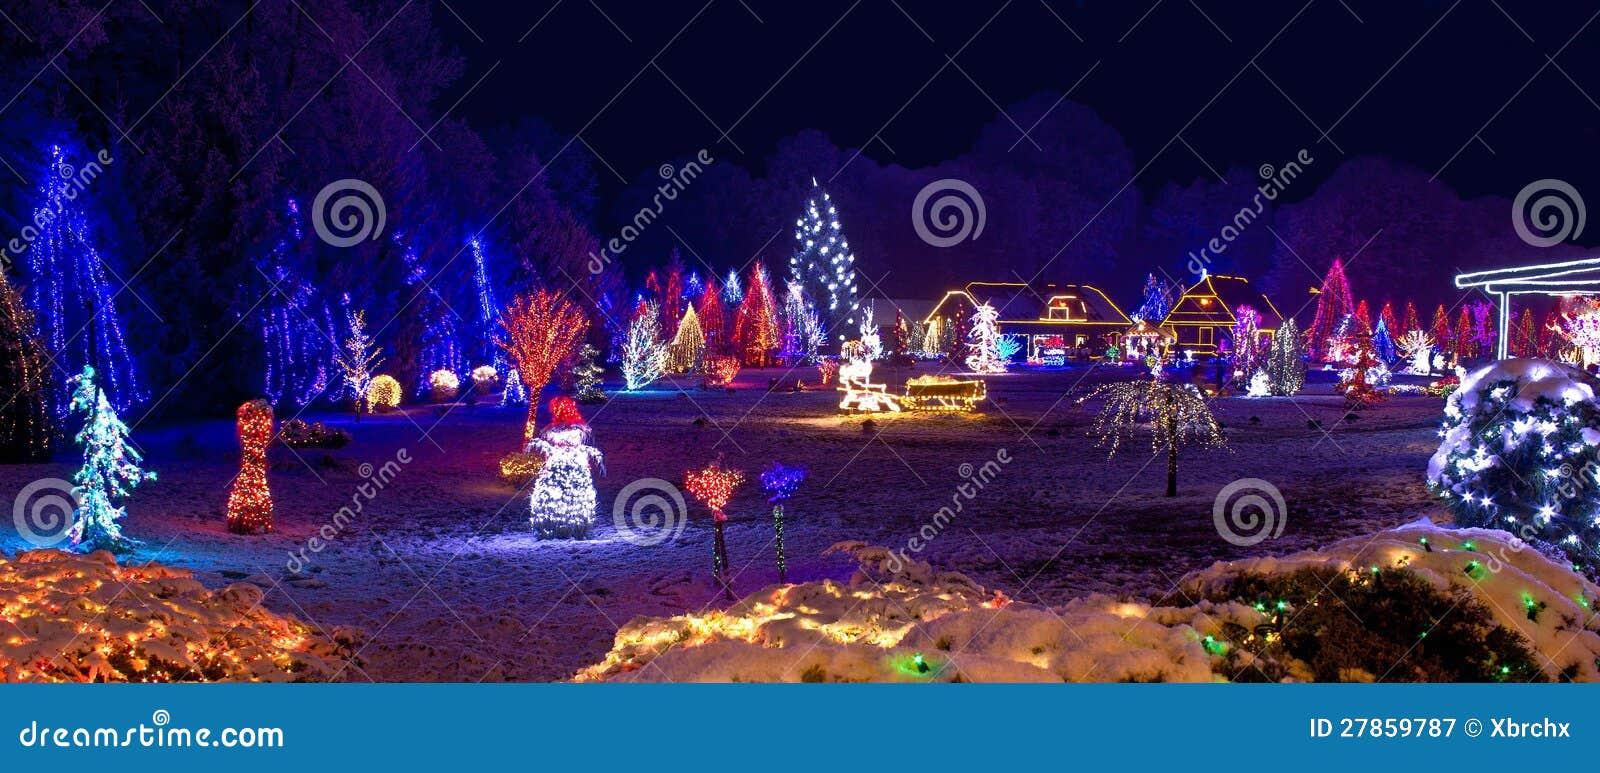 Wioska w bożonarodzeniowe światła, panoramiczny widok